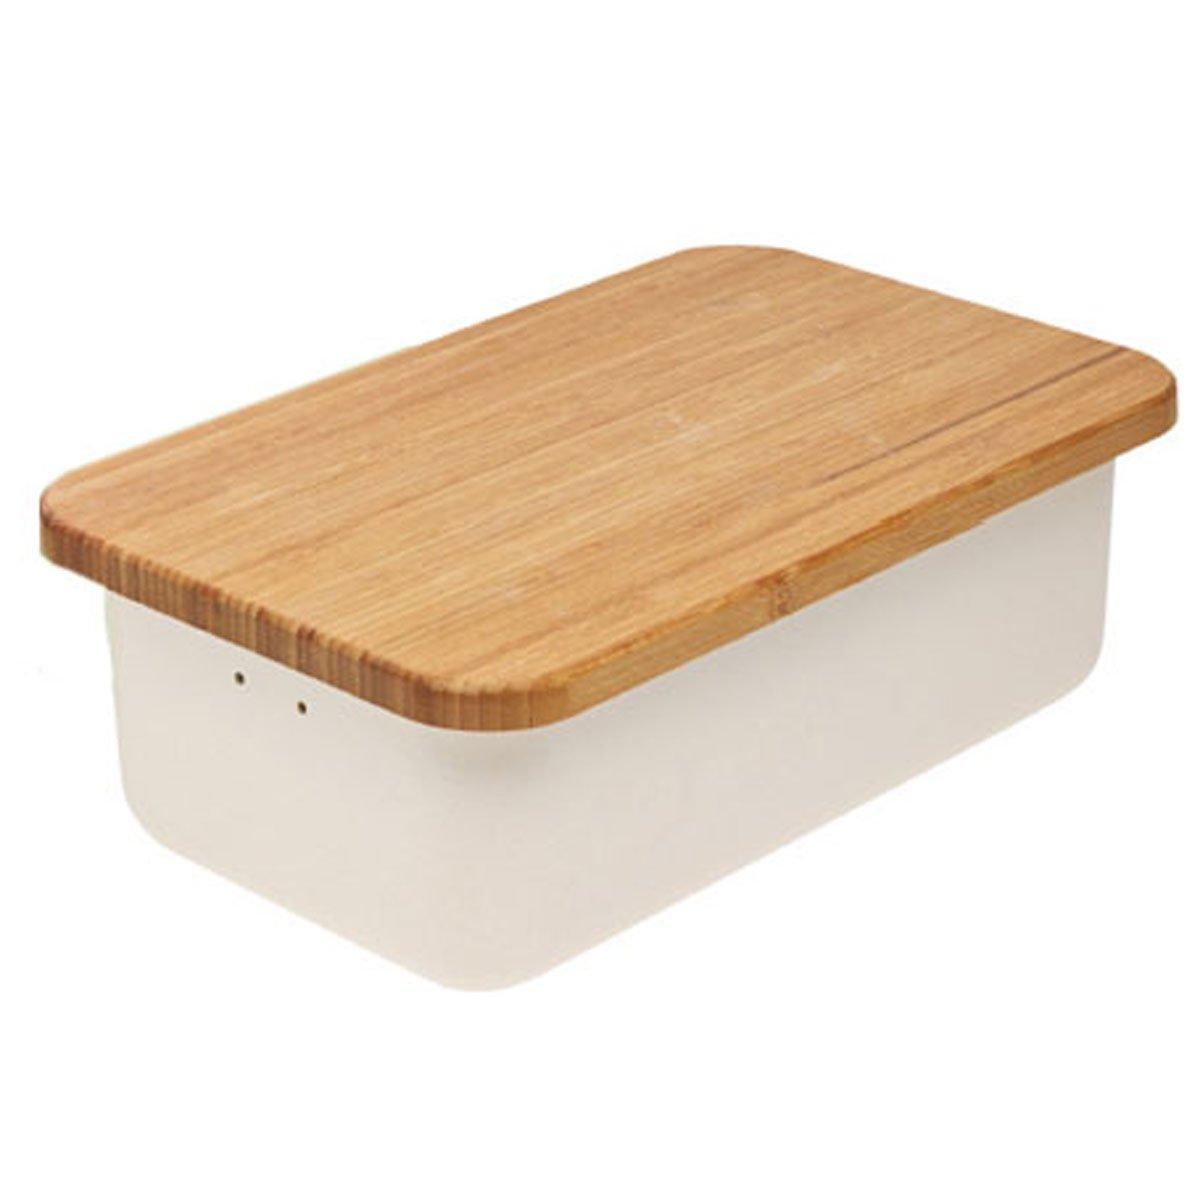 Brotkasten Design magu 135 675 brotkasten natur design grey amazon de küche